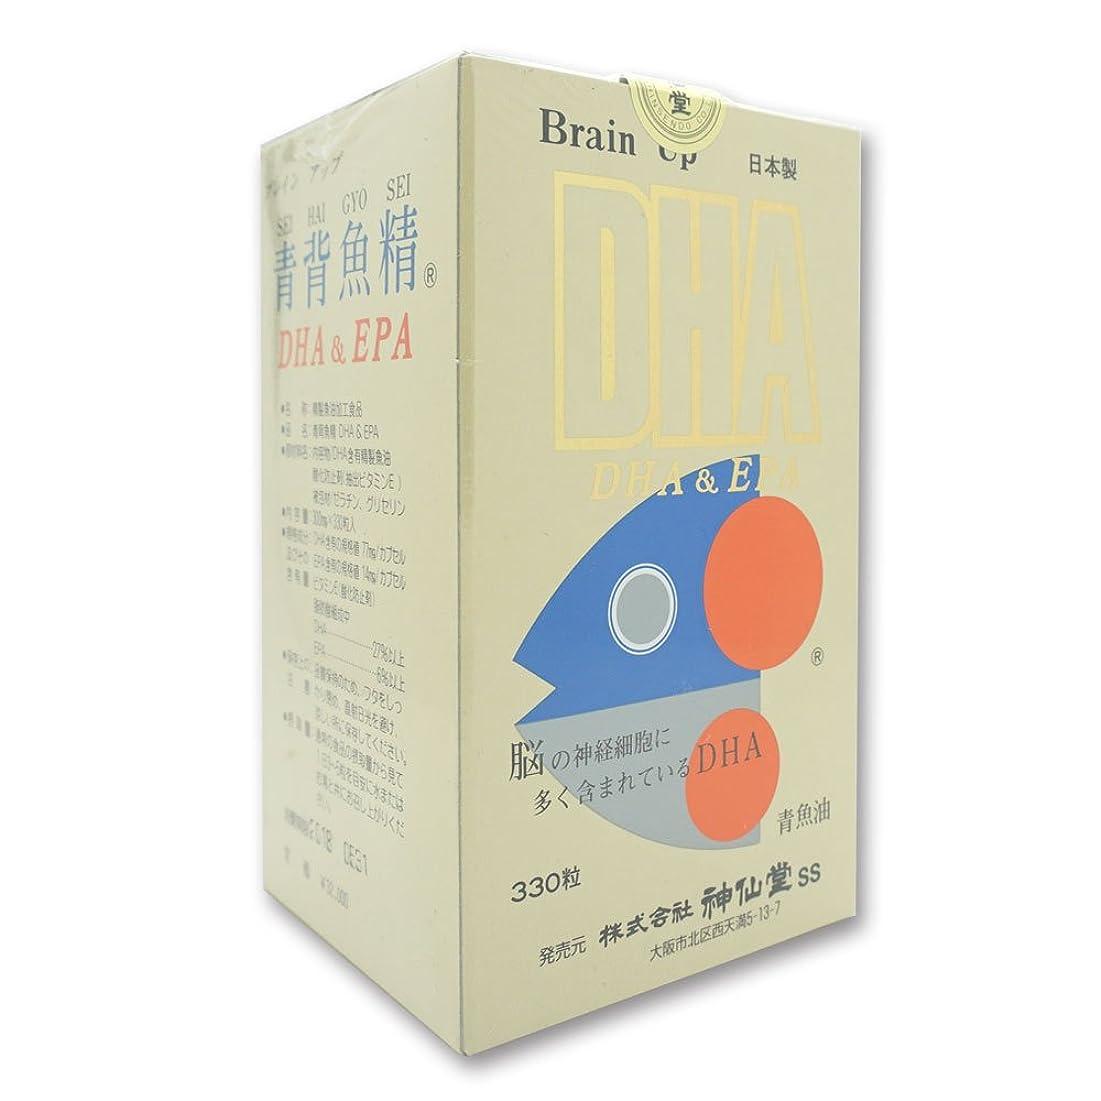 味付けスペードアクセスできない神仙堂 青背魚精 DHA&EPA 330粒 精製魚油加工食品